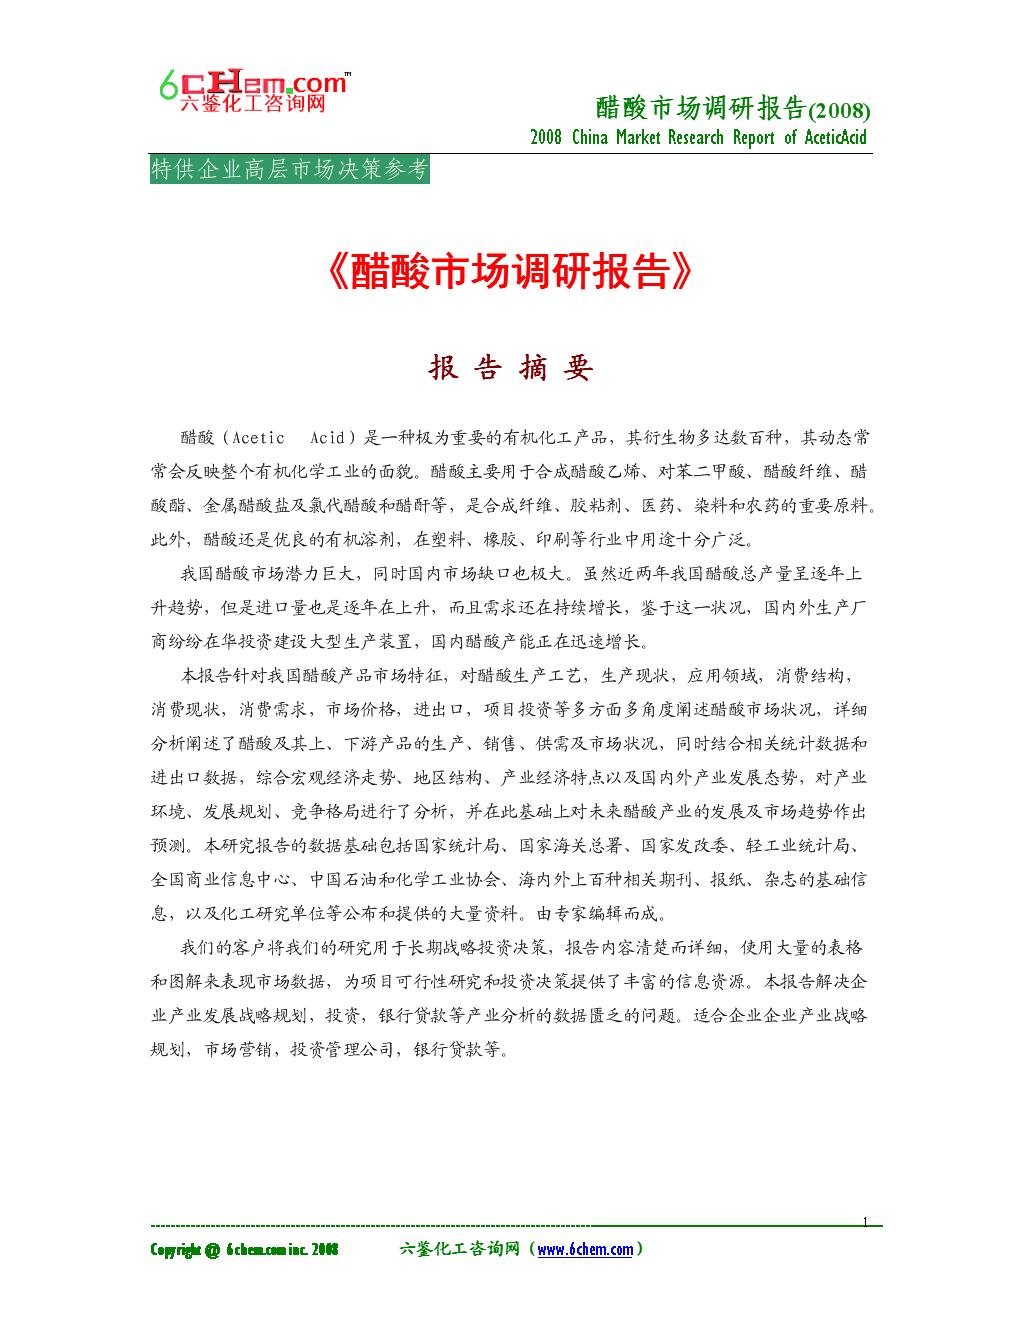 醋酸市场调研报告(目录).doc